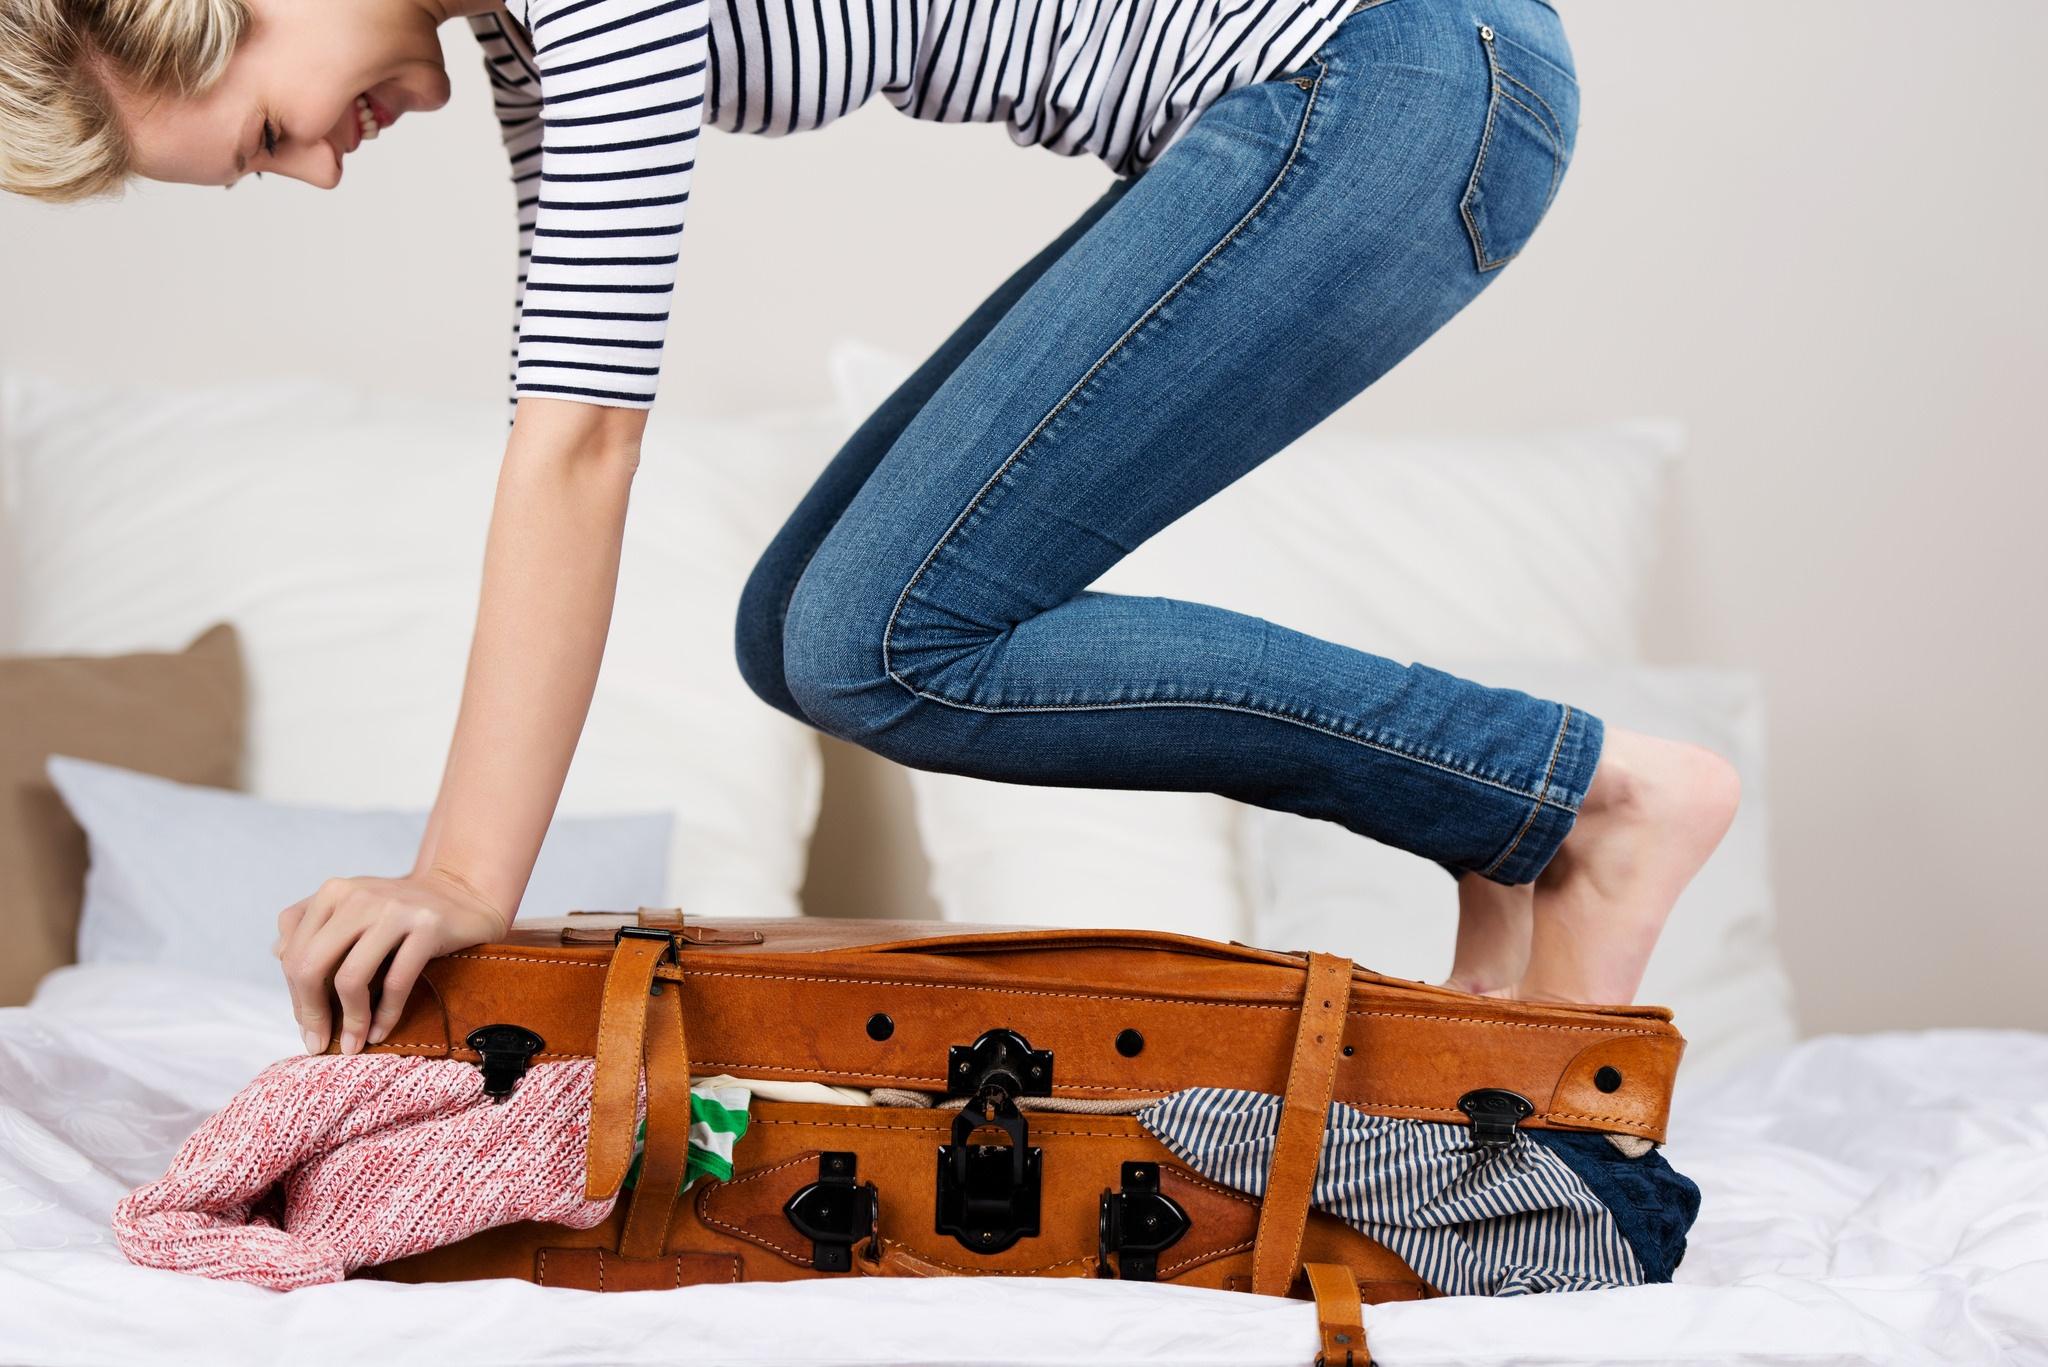 Auslandsaufenthalt-Checkliste: Was gehört in deinen Koffer?